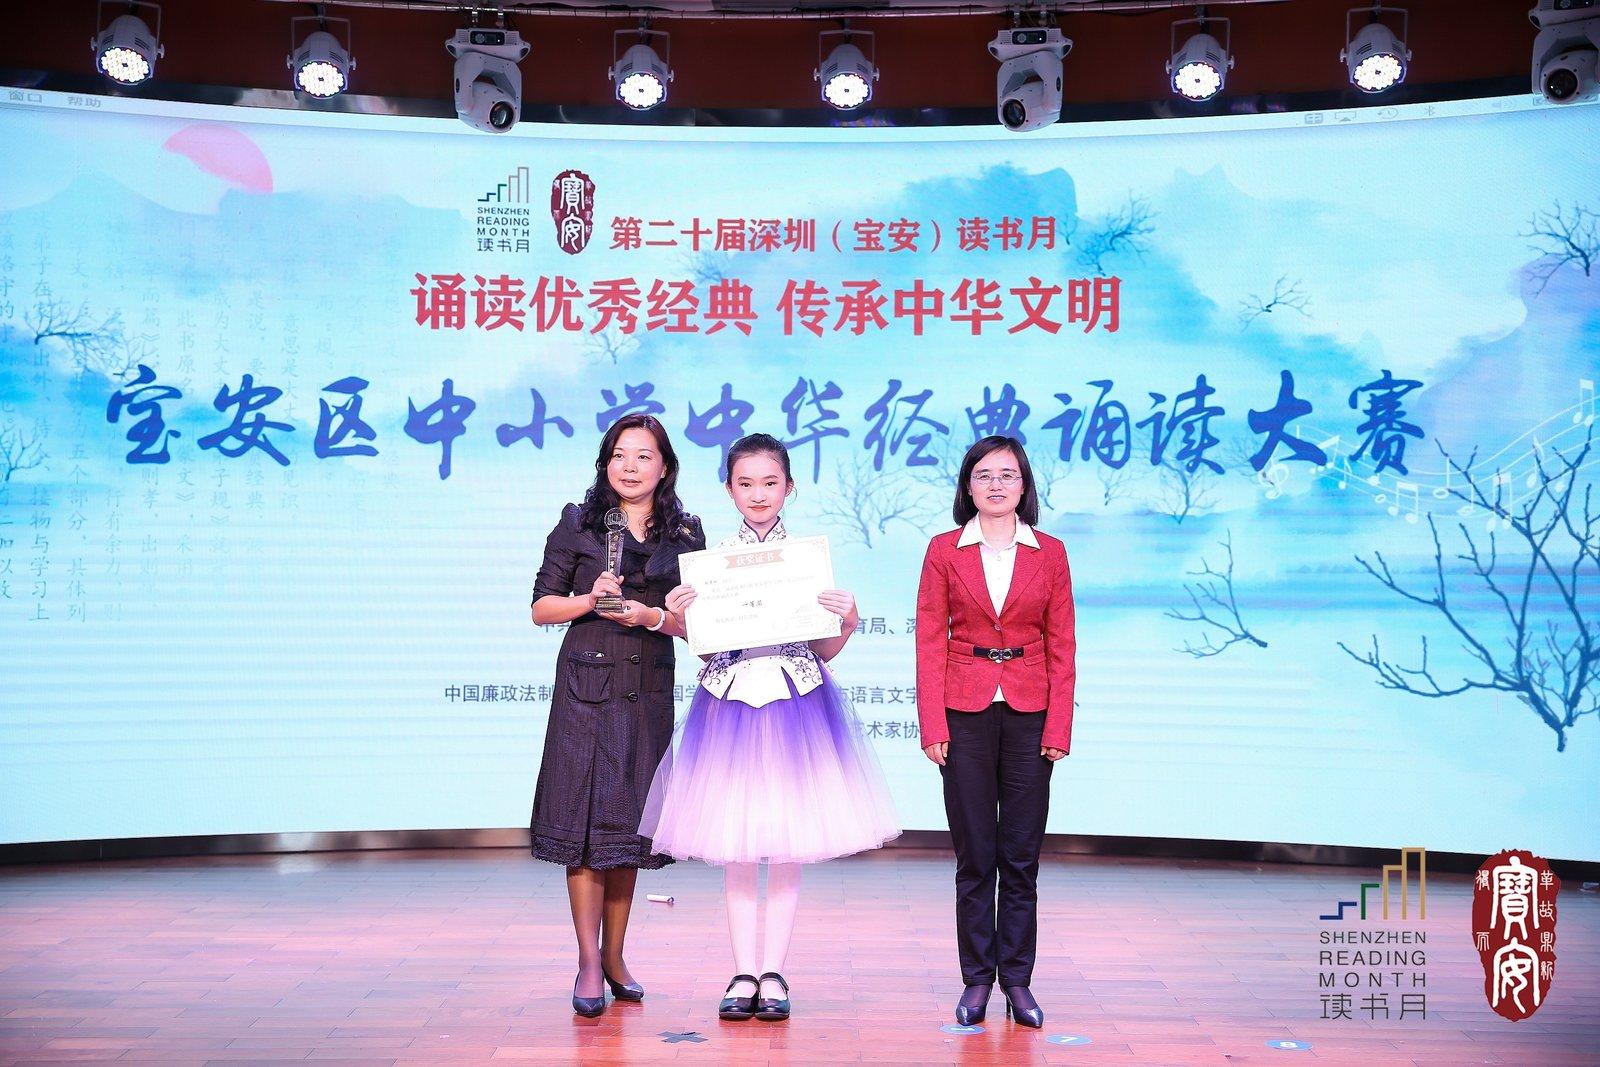 深圳市宝安区委宣传部常务副部长王妍霞(右一)为中学组一等奖节目颁奖